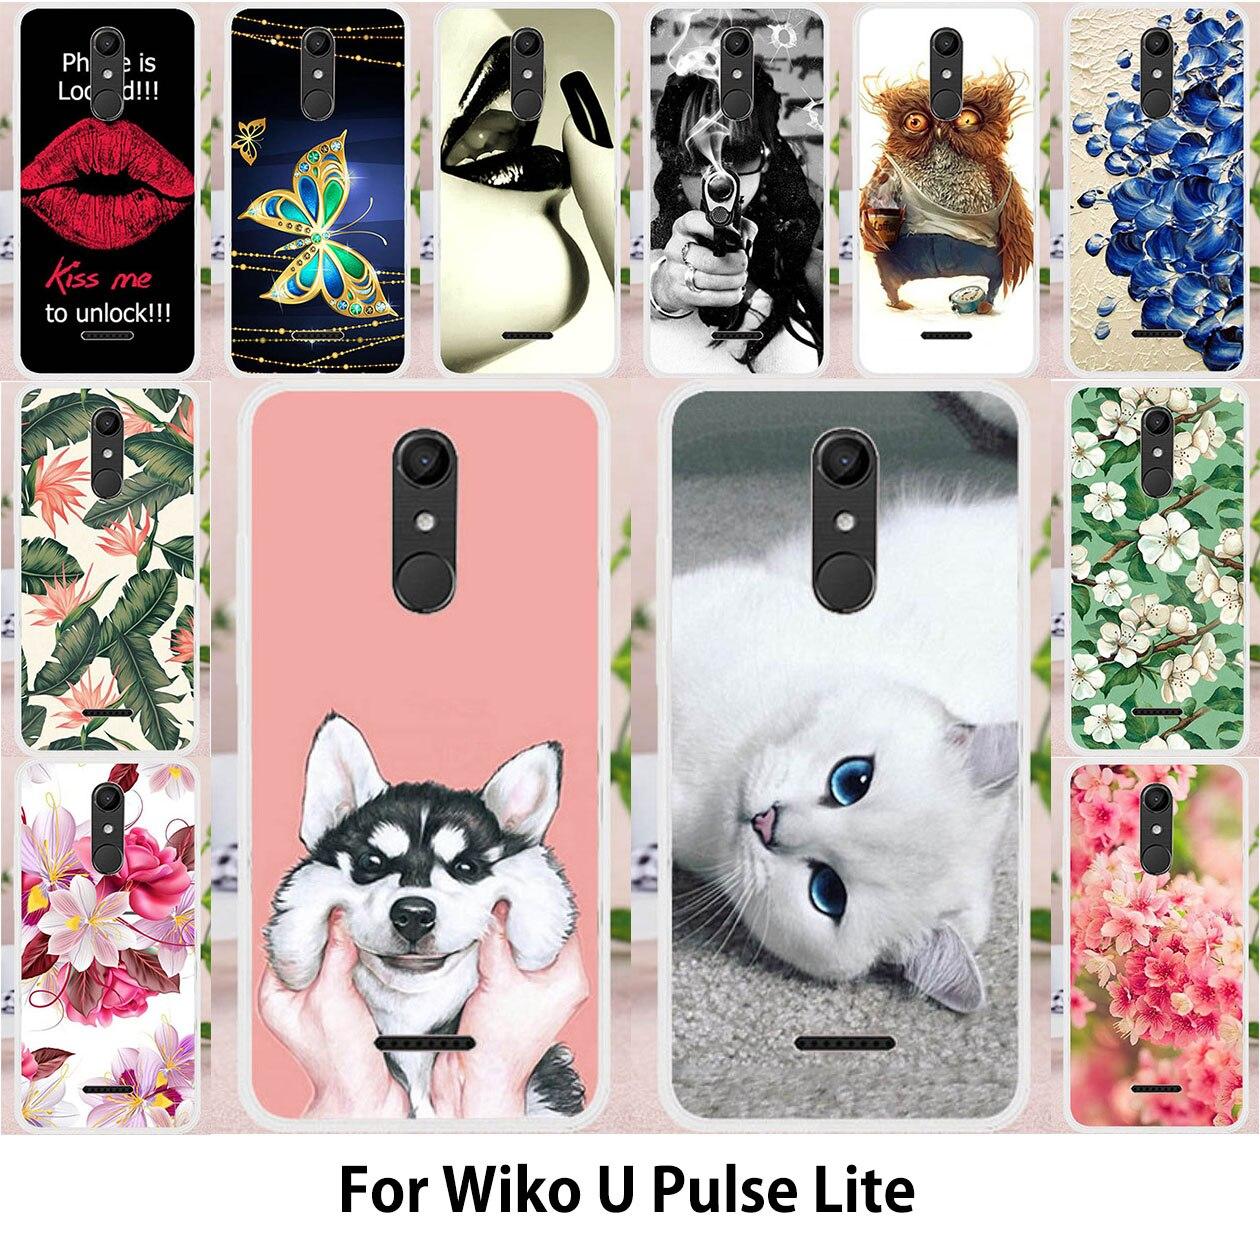 ②Phone Bumper For Coque WIKO U Pulse Lite Case For Wiko UPulse ...